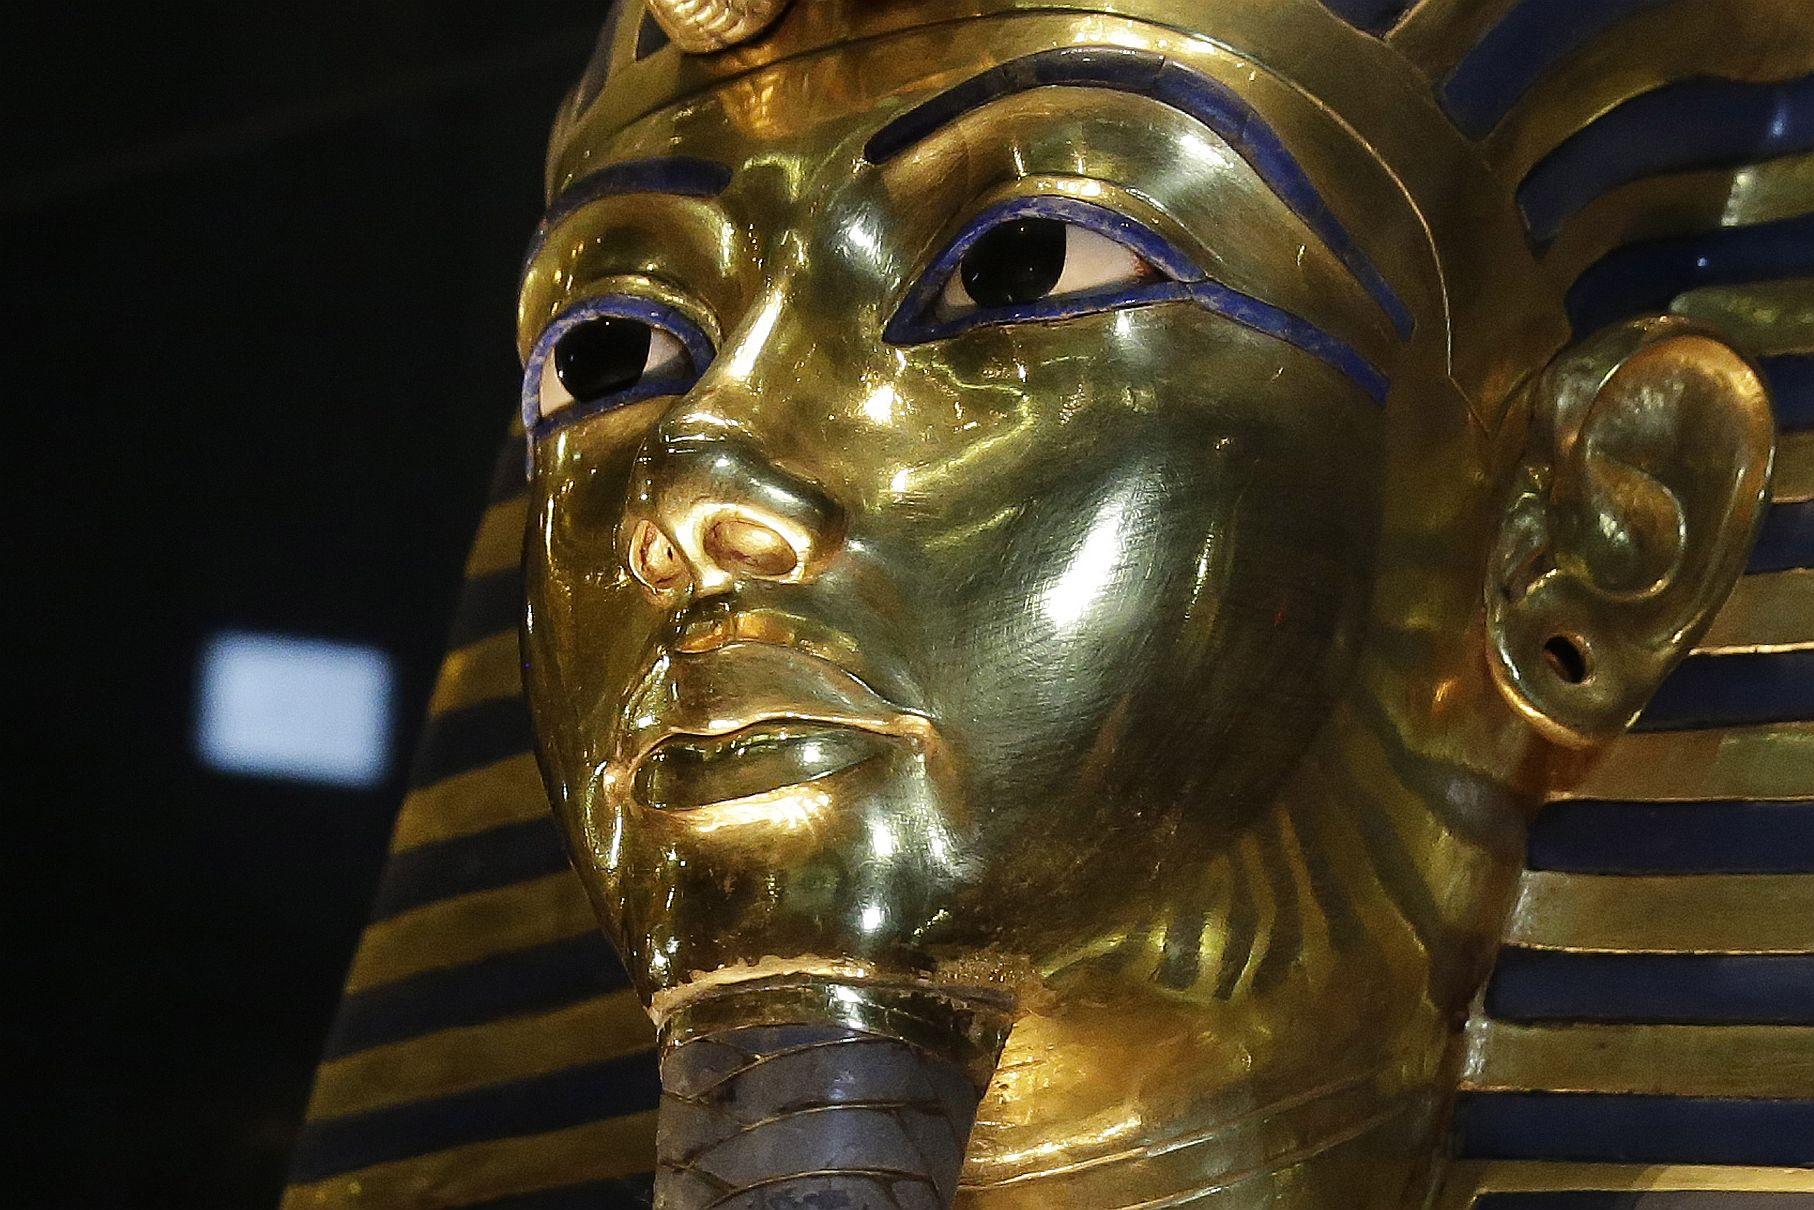 Tutanhamonun 2 cinsiyyət orqanı olub